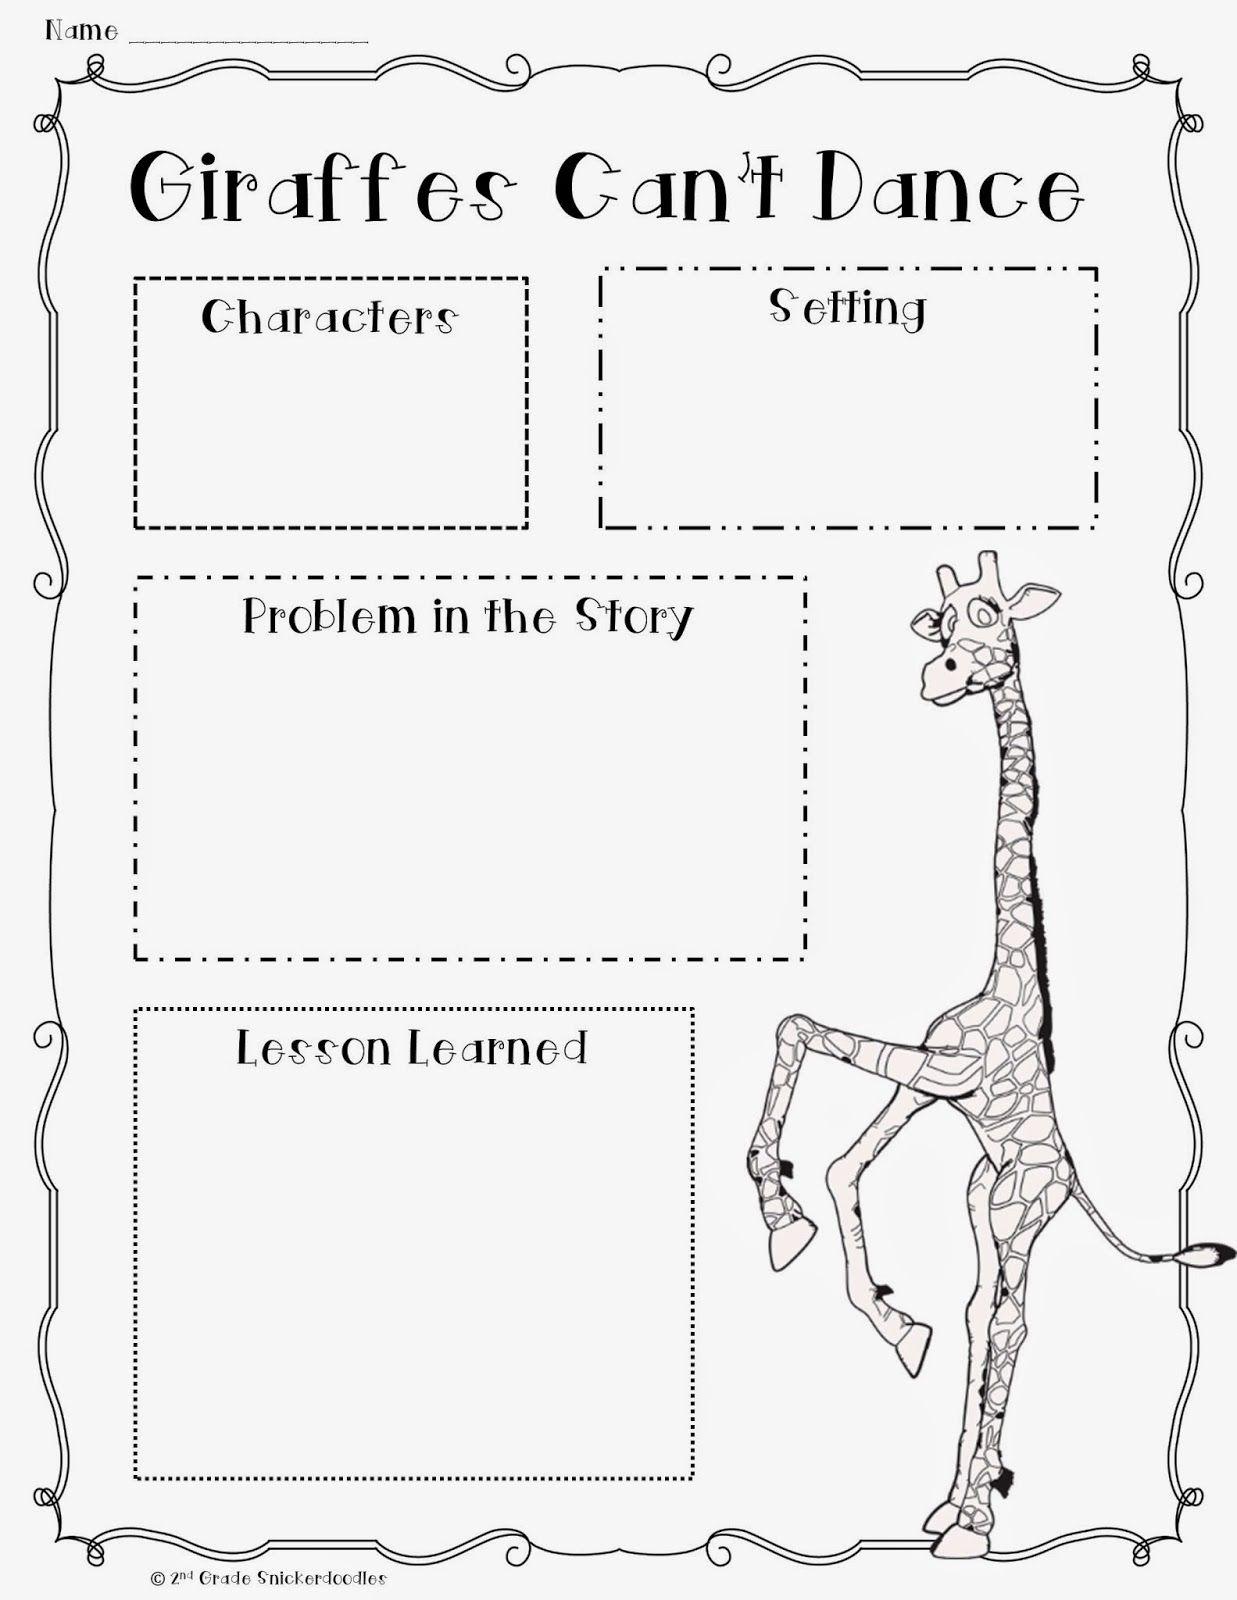 hight resolution of 2nd Grade Snickerdoodles: Giraffes Can't Dance Book Chat Fun   Giraffes  cant dance